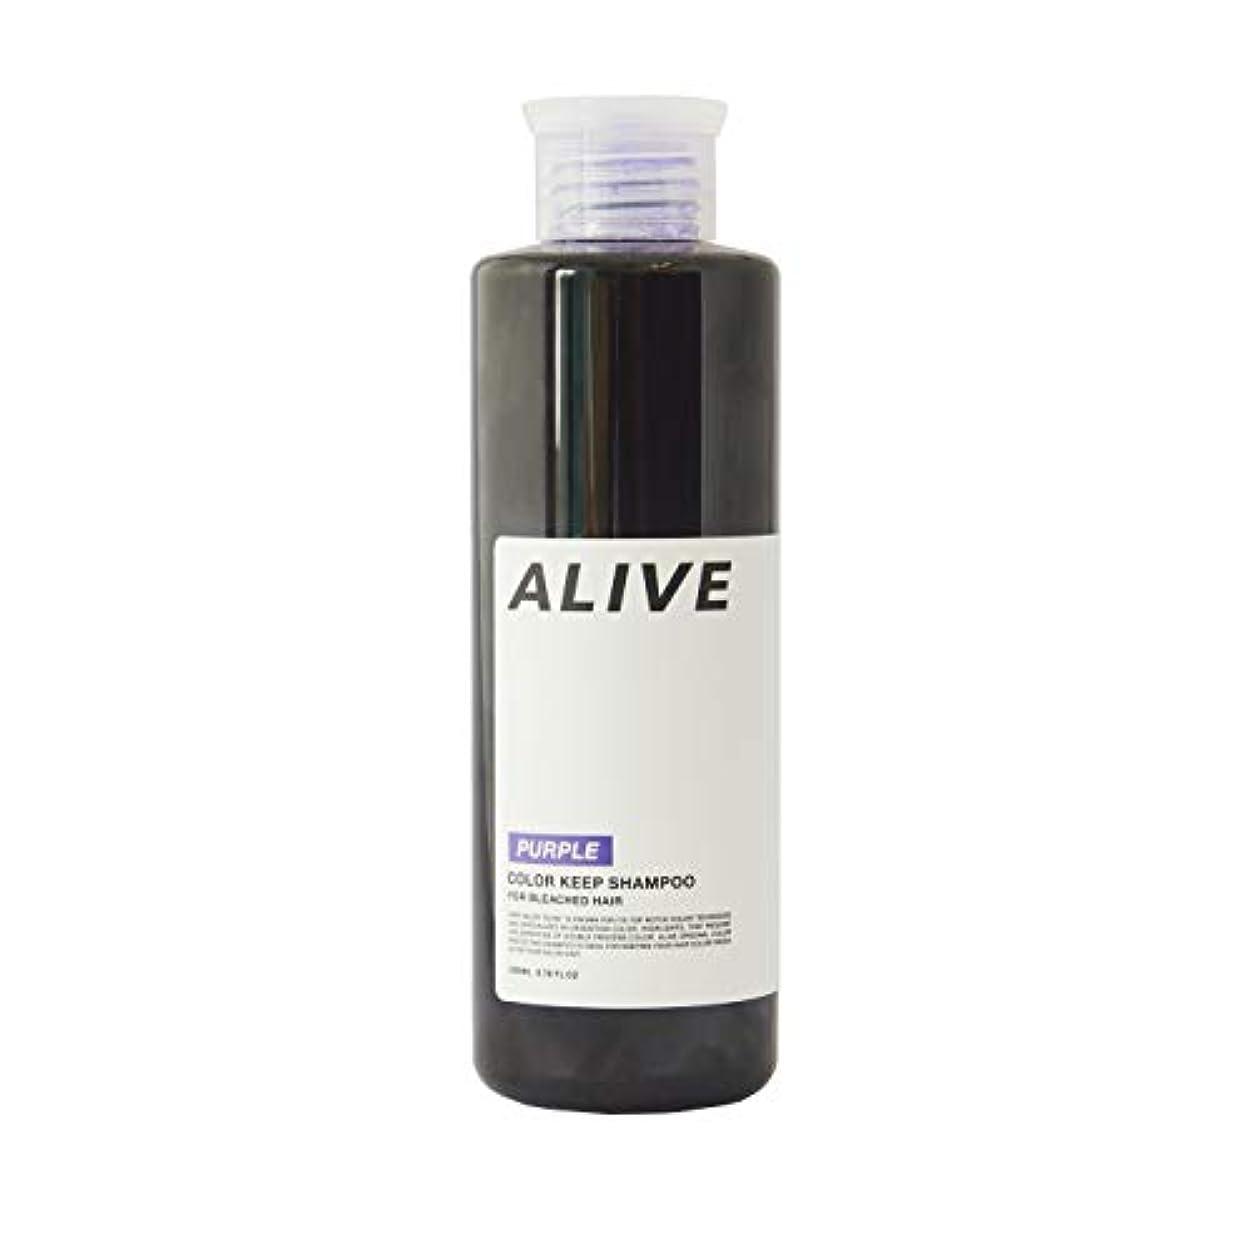 関係ない見積りハックALIVE アライブ カラーシャンプー 極濃 紫シャンプー 200ml ムラサキ パープル ムラシャン ムラサキシャンプー